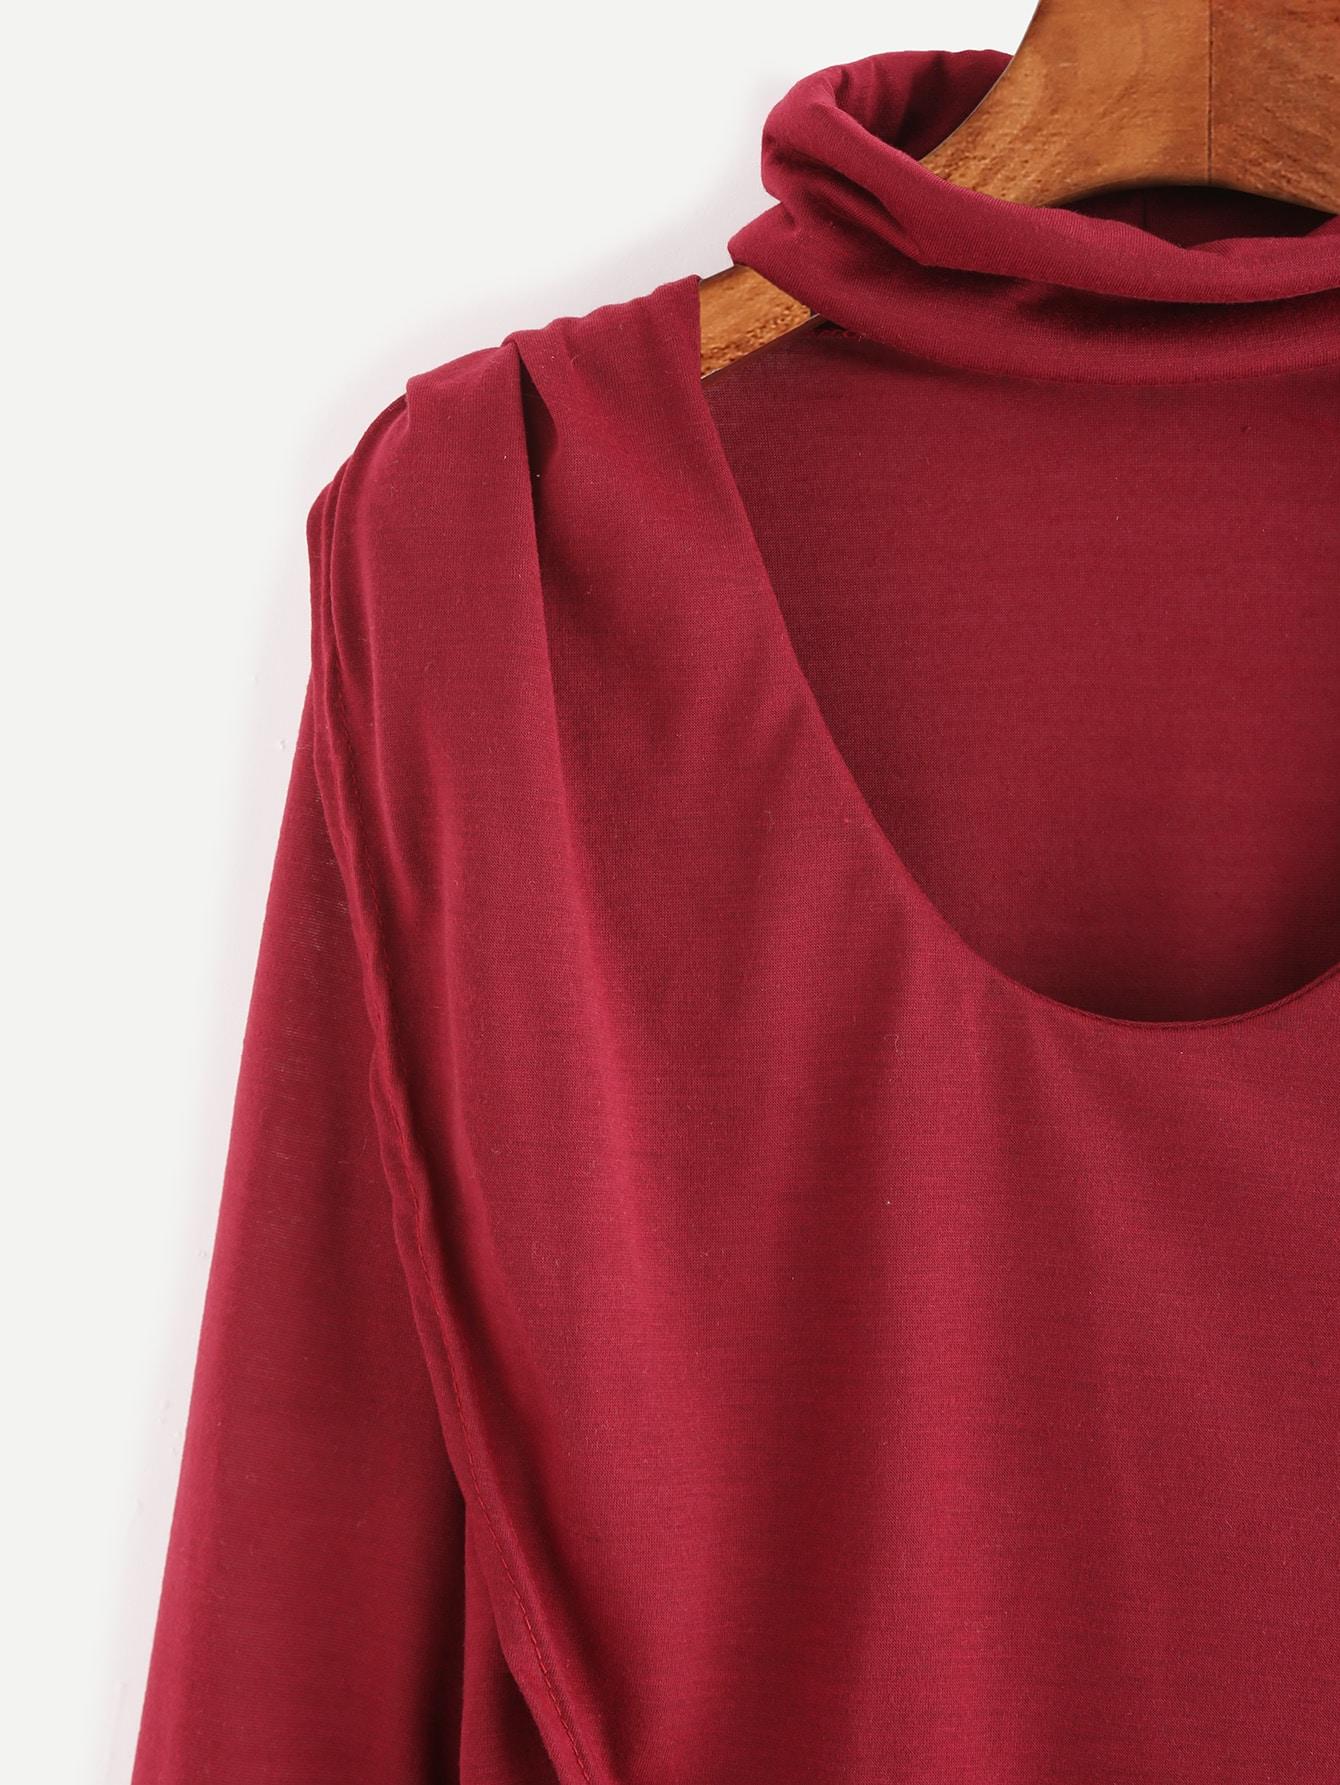 T shirt avec dentelle la base encolure ras du cou for Interieur paupiere inferieure rouge